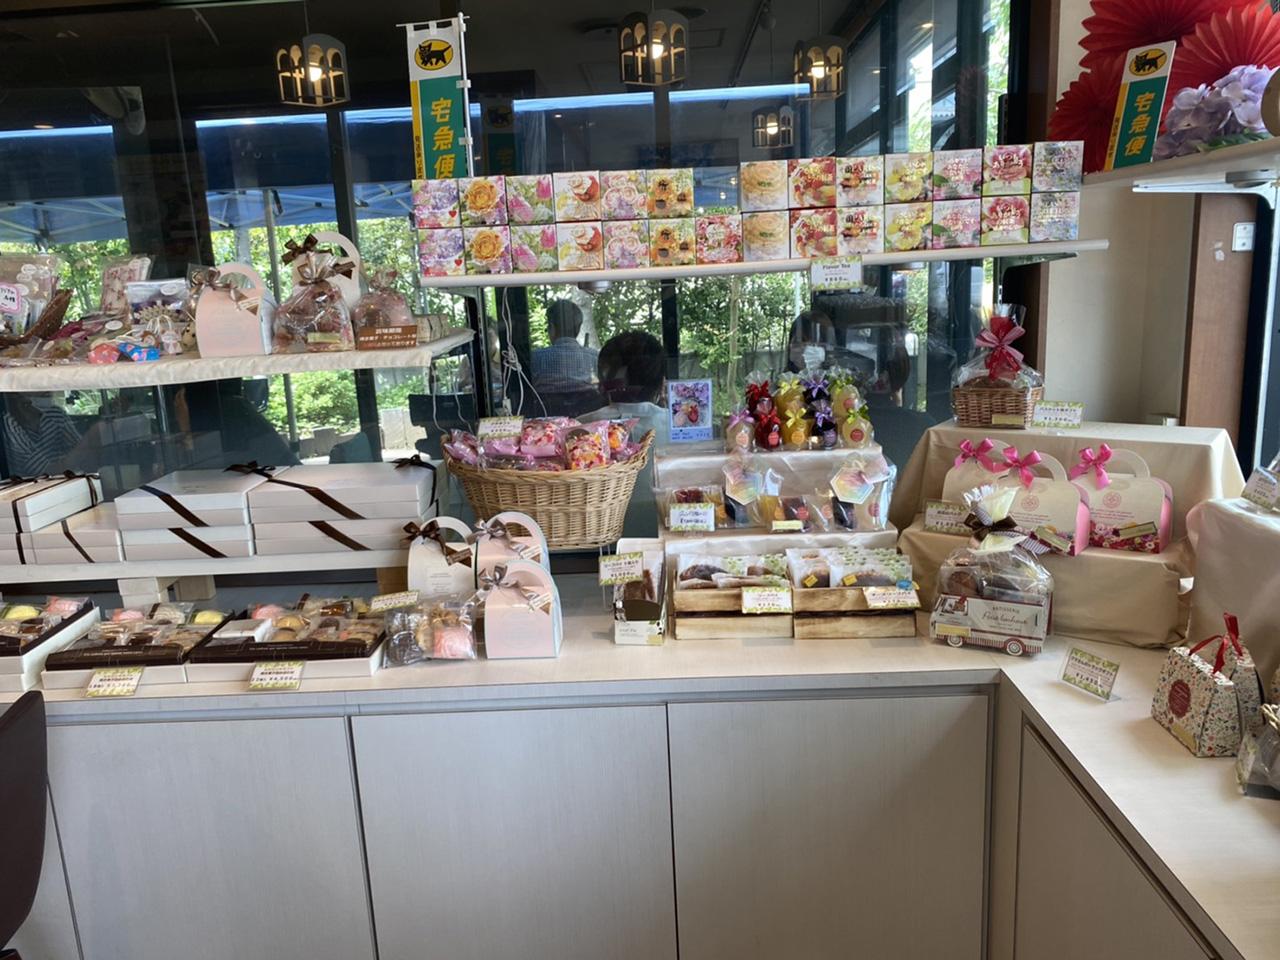 お菓子や紅茶、アクセサリーなどのお土産コーナーの写真